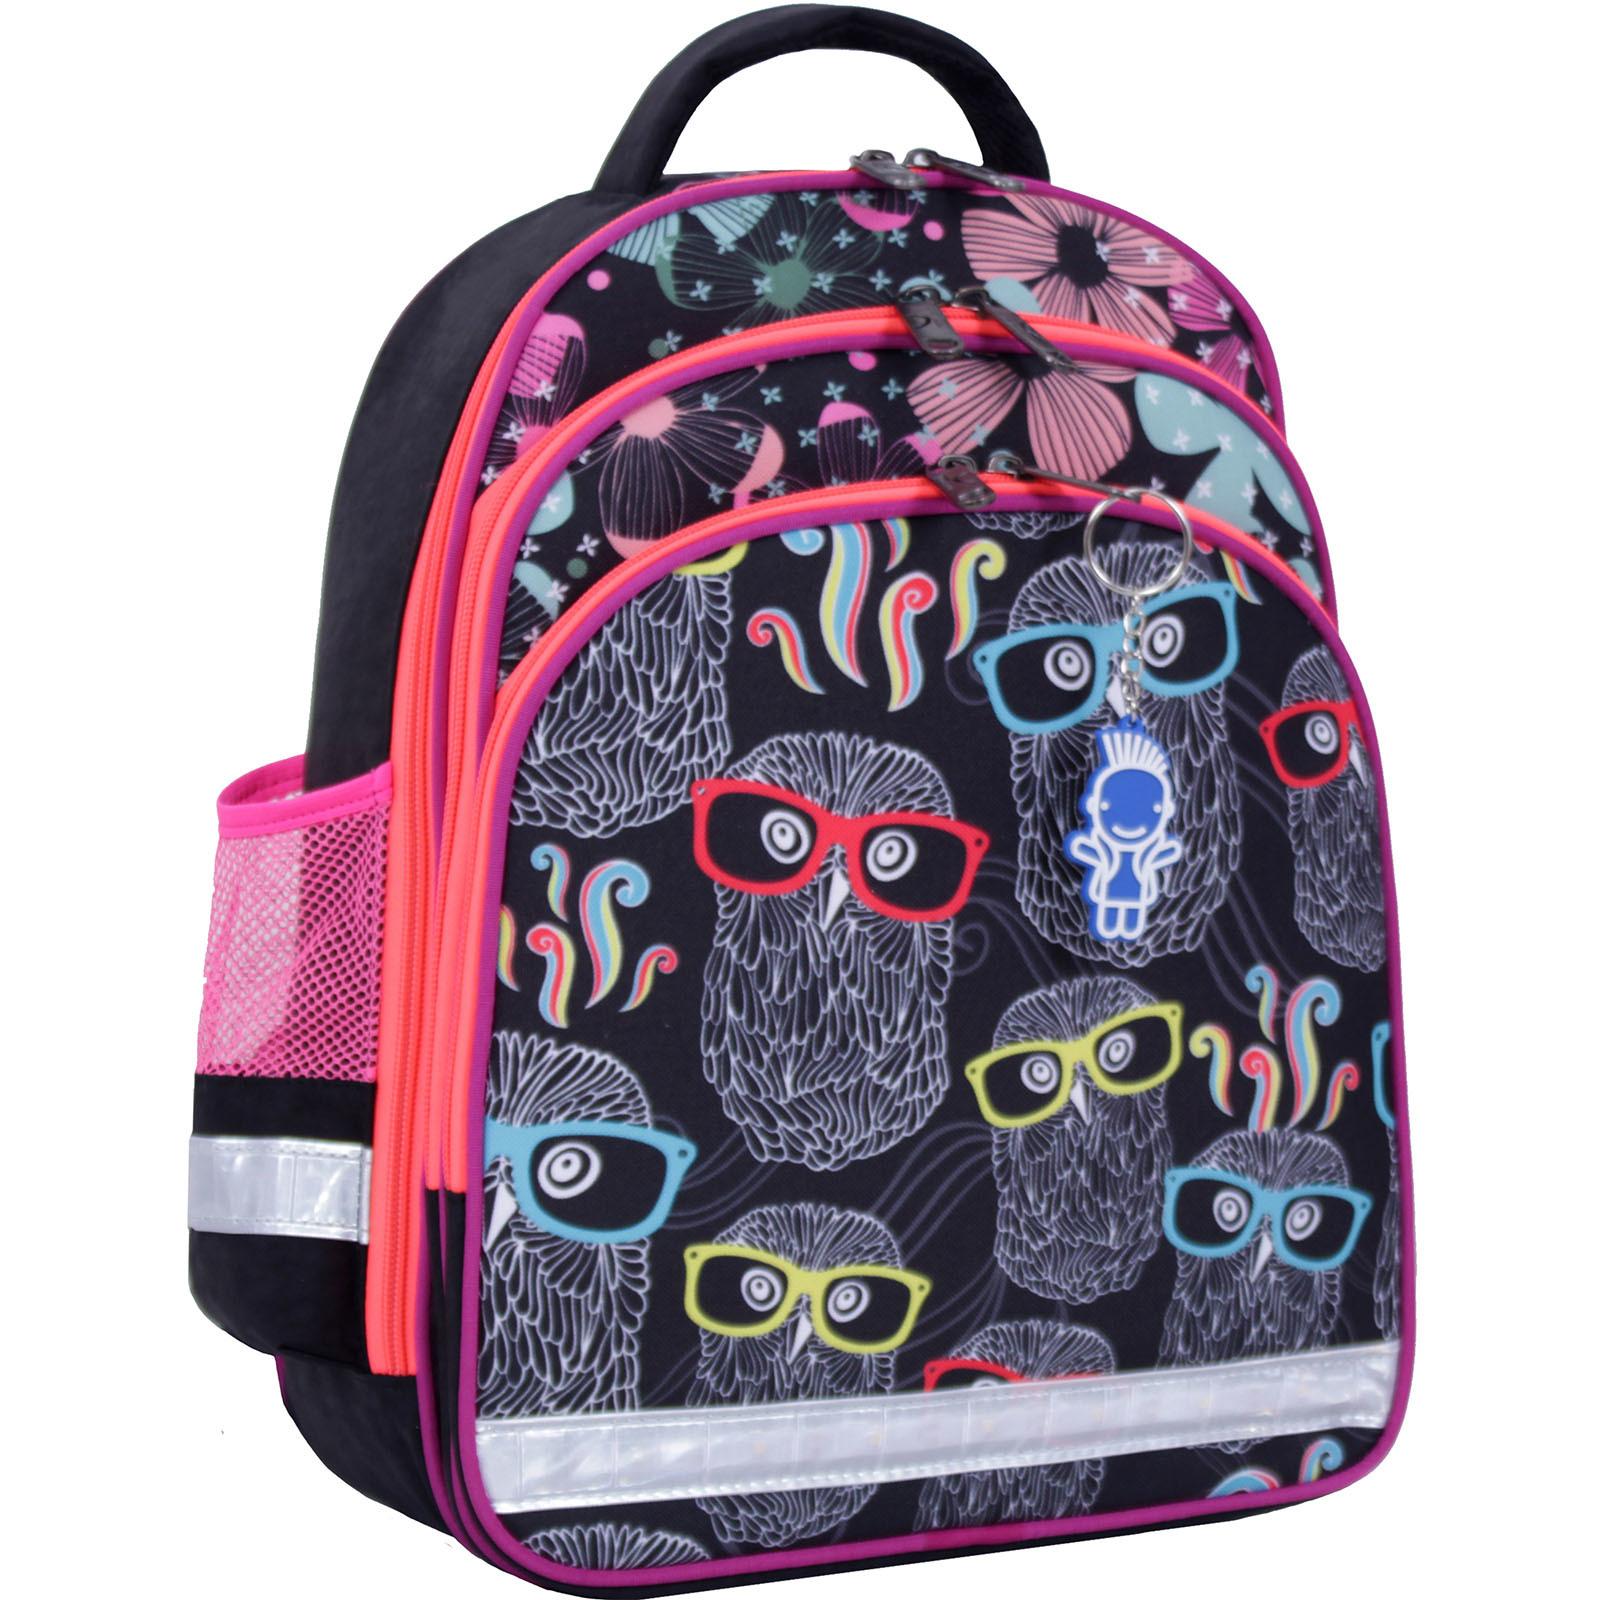 Рюкзак школьный Bagland Mouse 321 черный 403 (0051370) фото 6